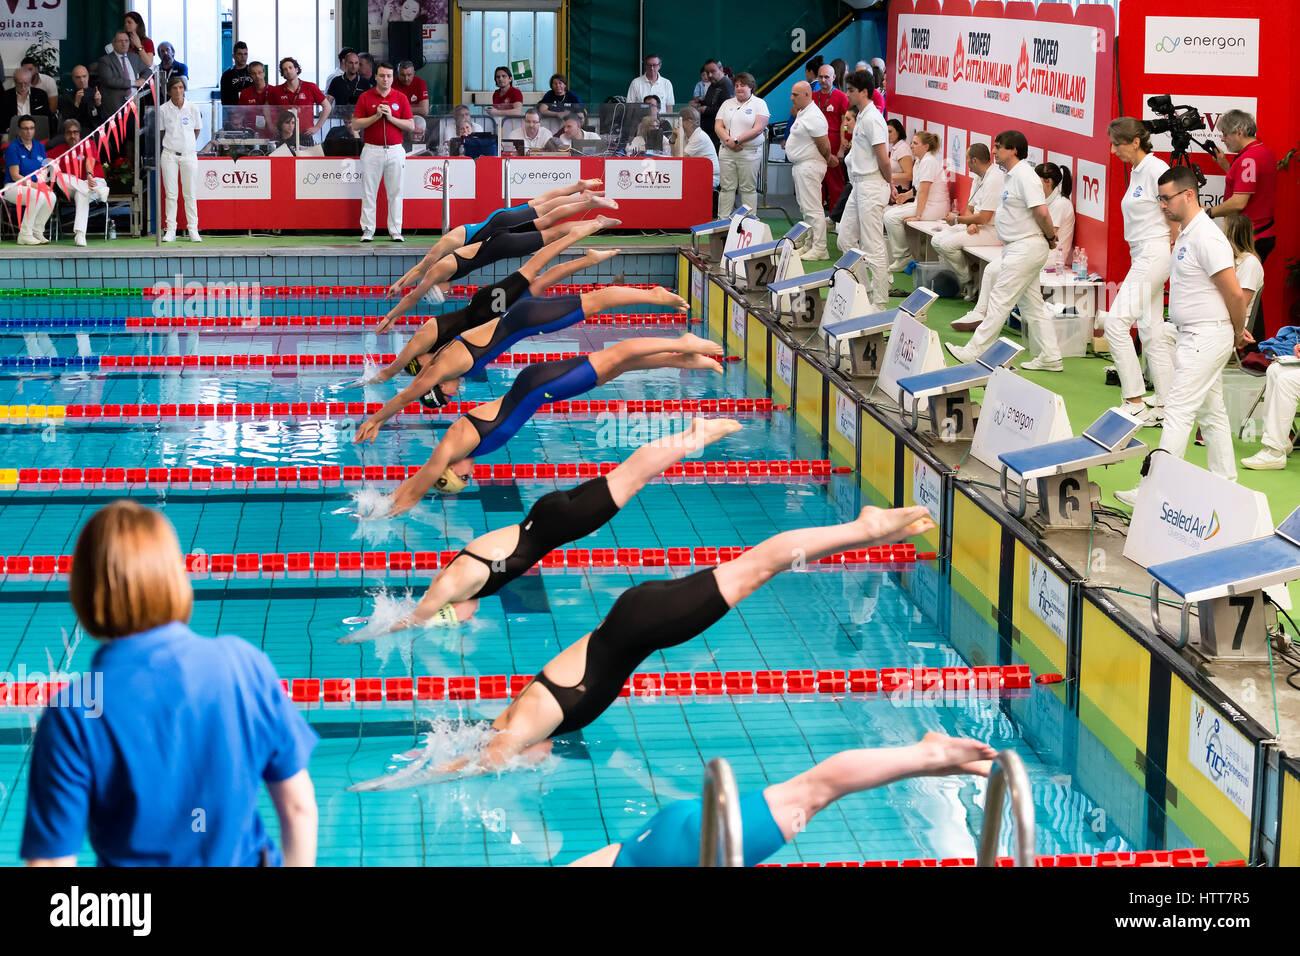 Mailand, Italien - 10. März 2017: weibliche Schwimmer beim 7. Trofeo Citta di Milano-schwimmen-Wettbewerb ab. Stockbild